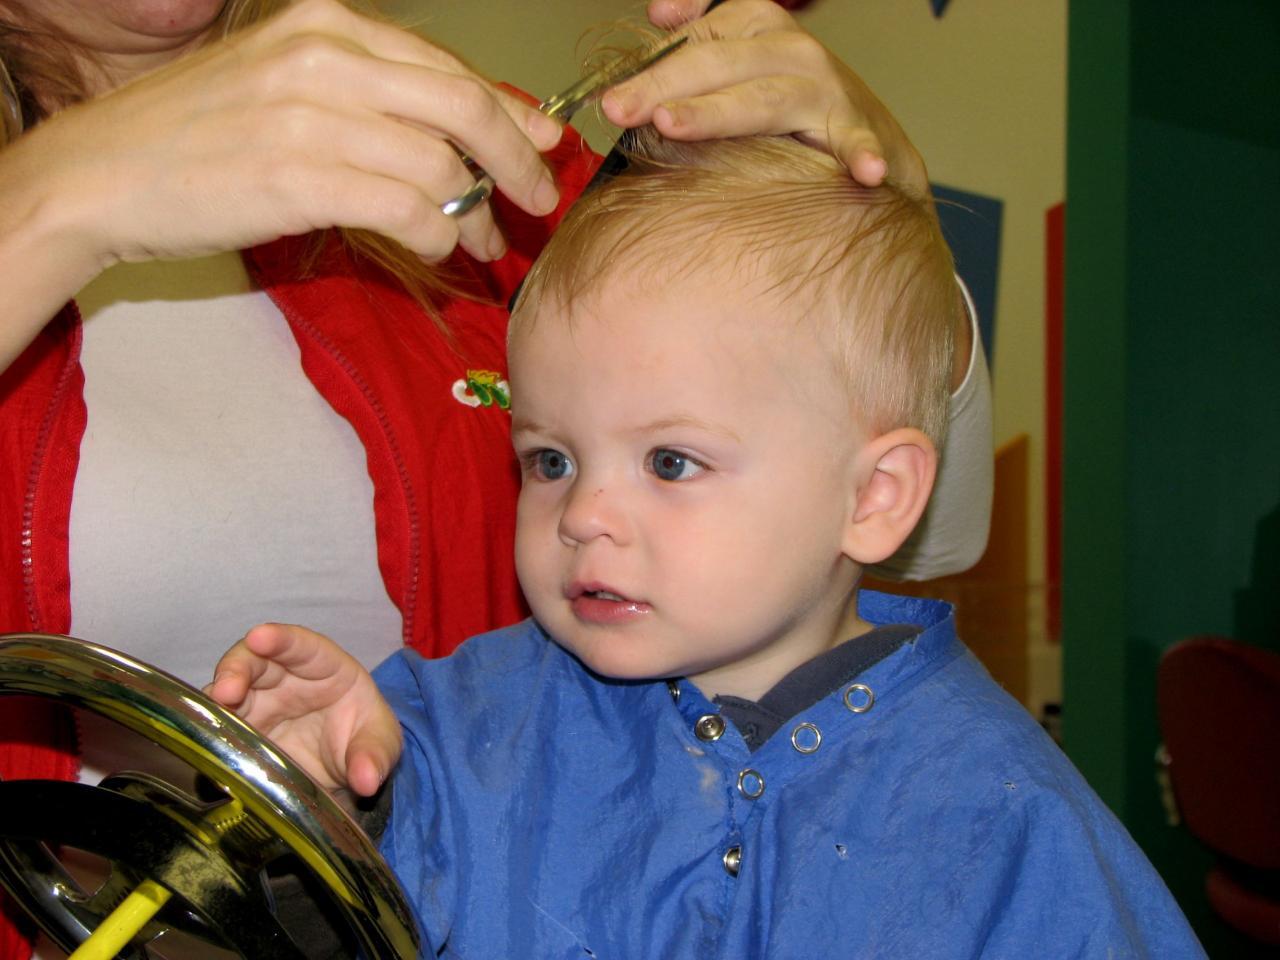 صورة احدث قصات شعر الاطفال , اشيك قصات لاجمل اطلالة